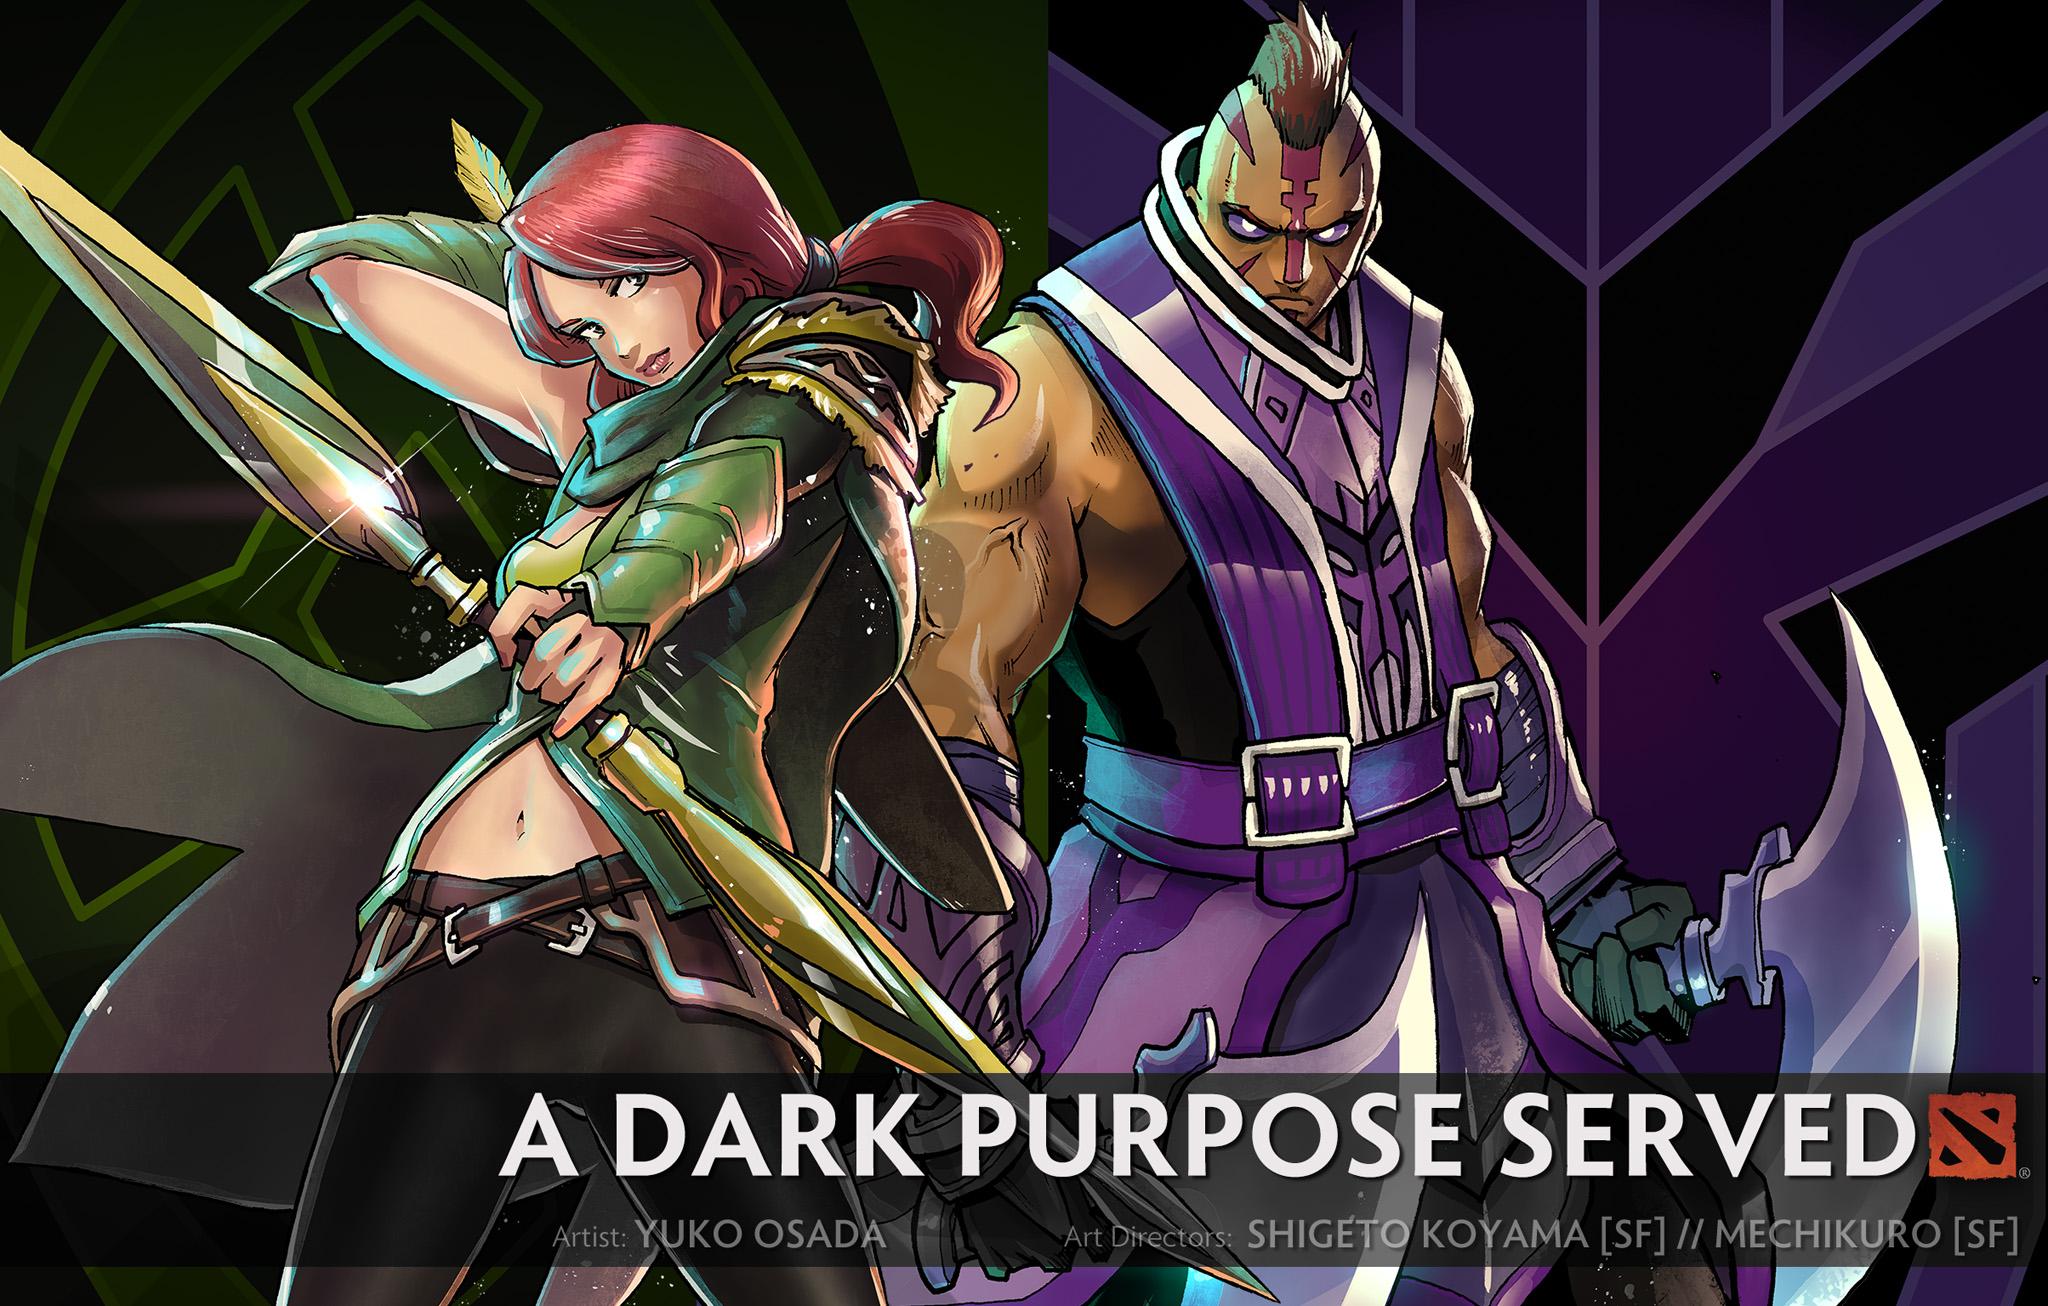 Dota 2 - A Dark Purpose Served